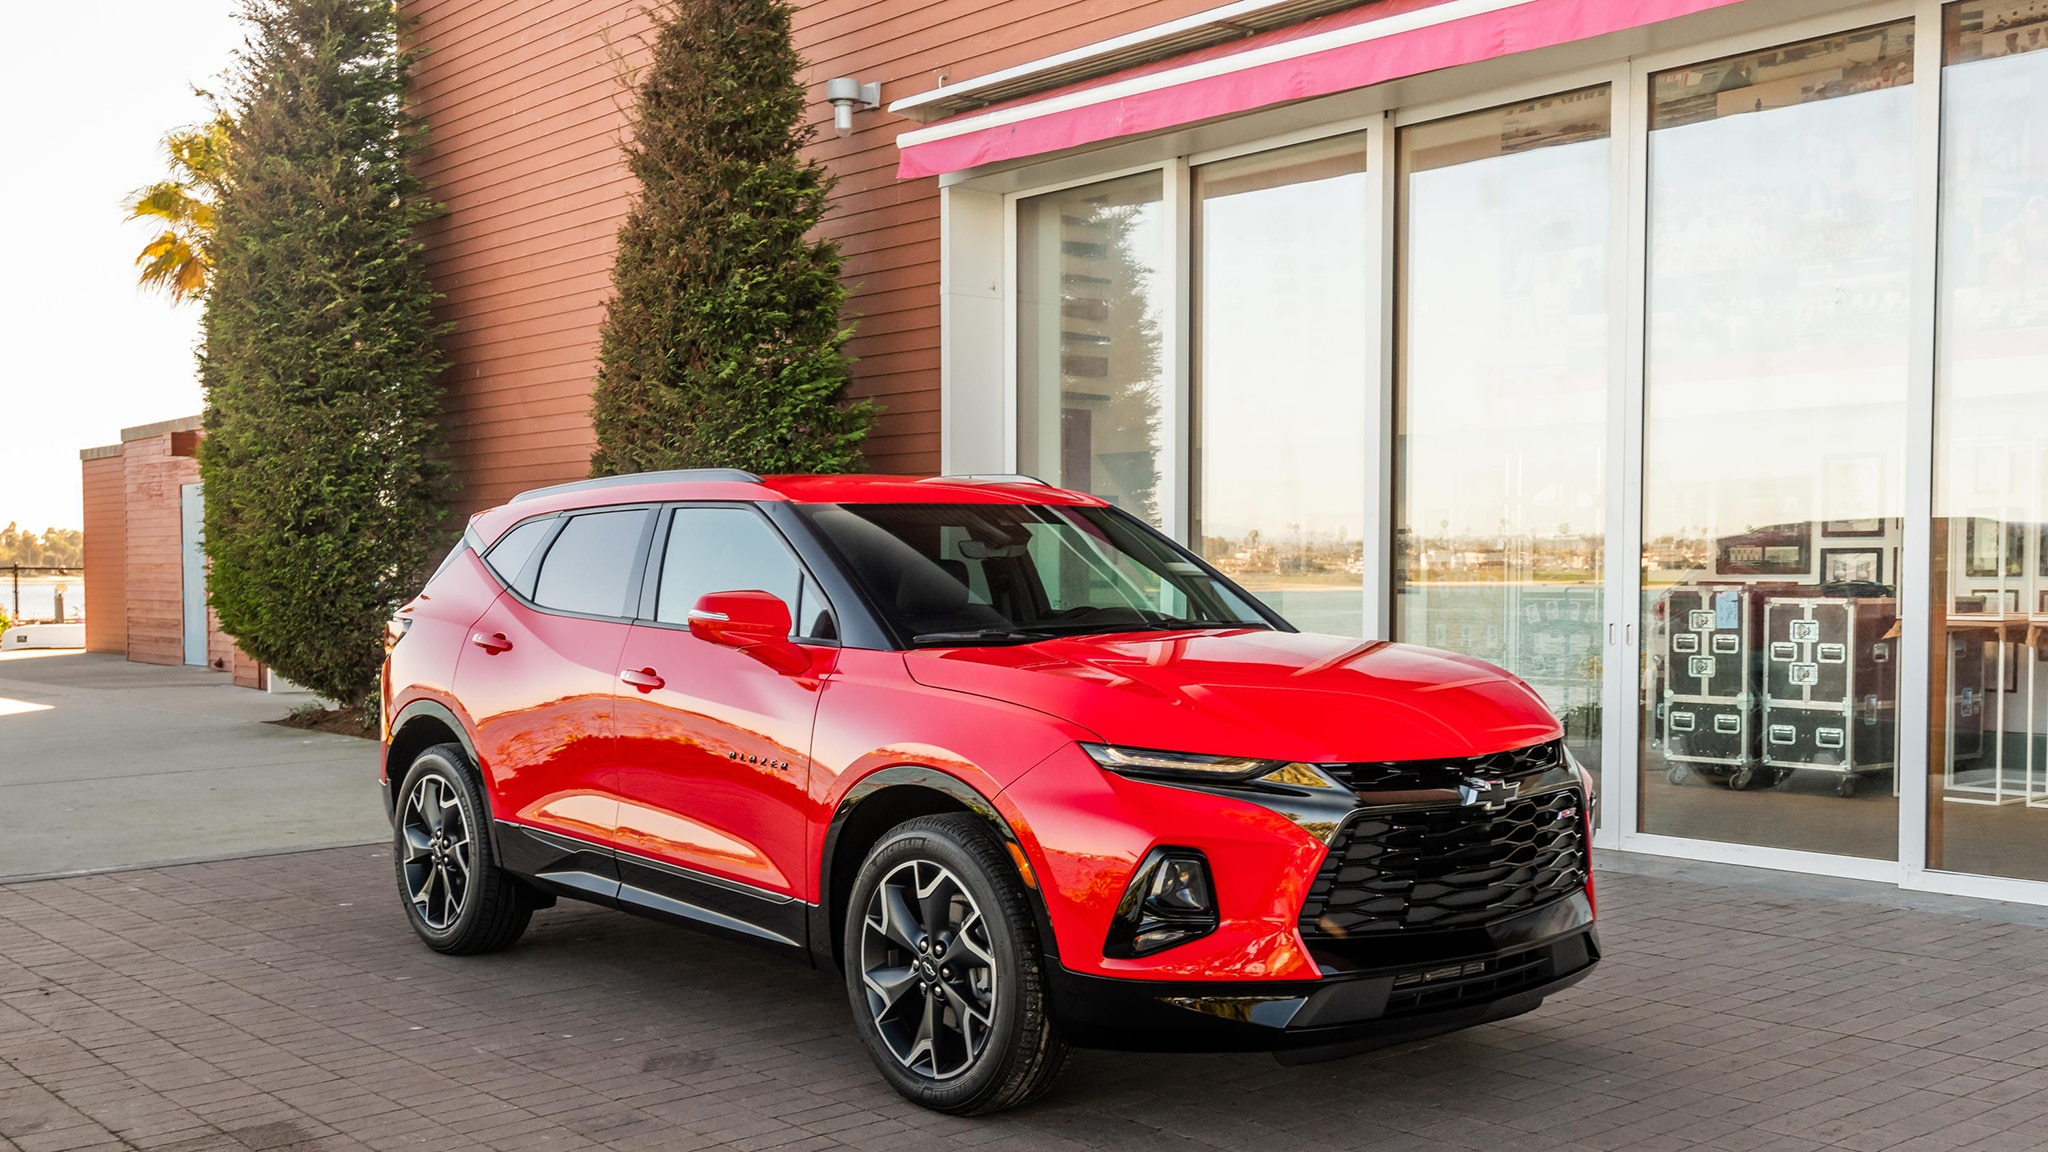 2019 Chevrolet Blaze